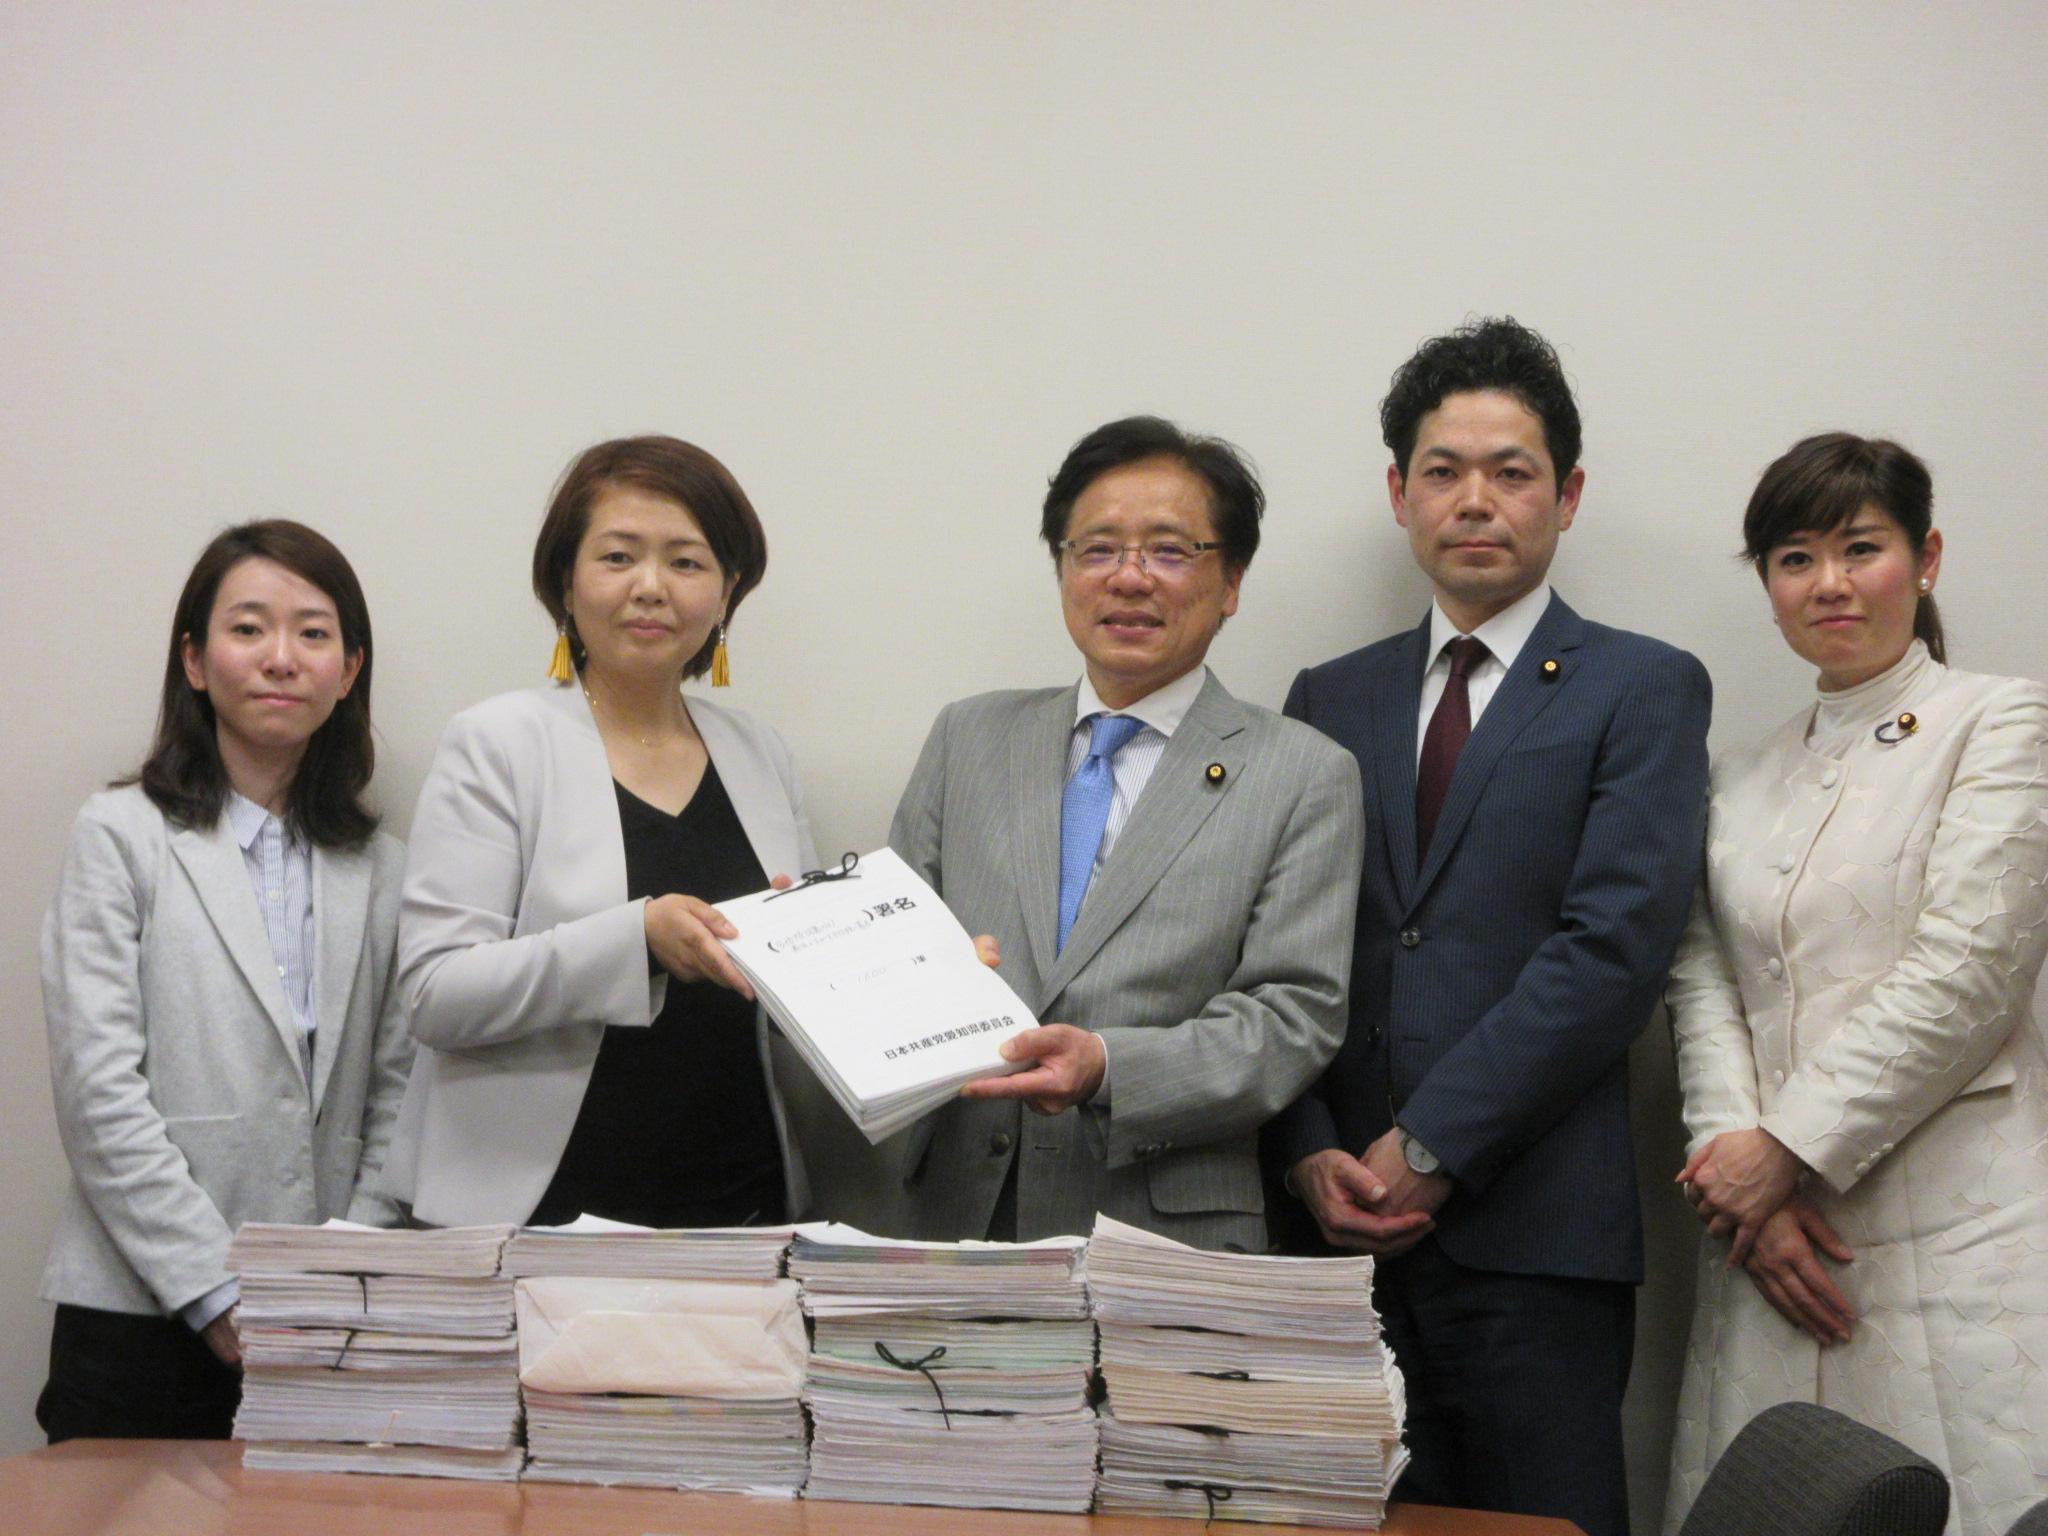 http://www.inoue-satoshi.com/diary/IMG_4166.JPG